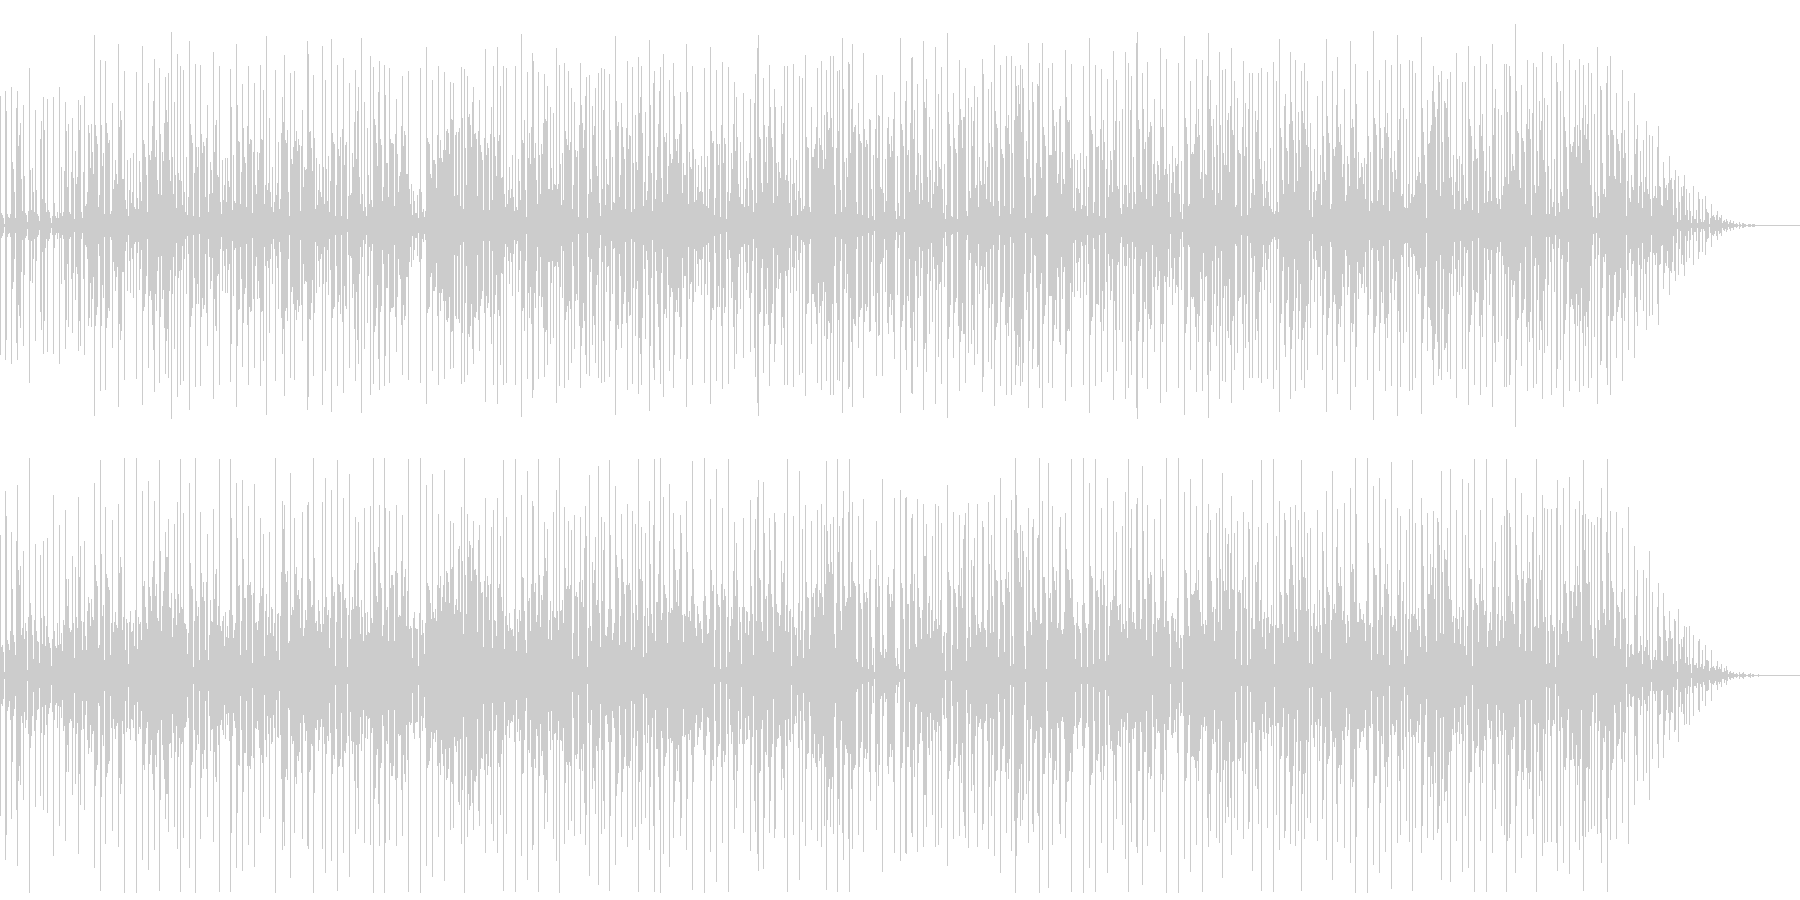 古臭くコミカルさのあるファンクの未再生の波形